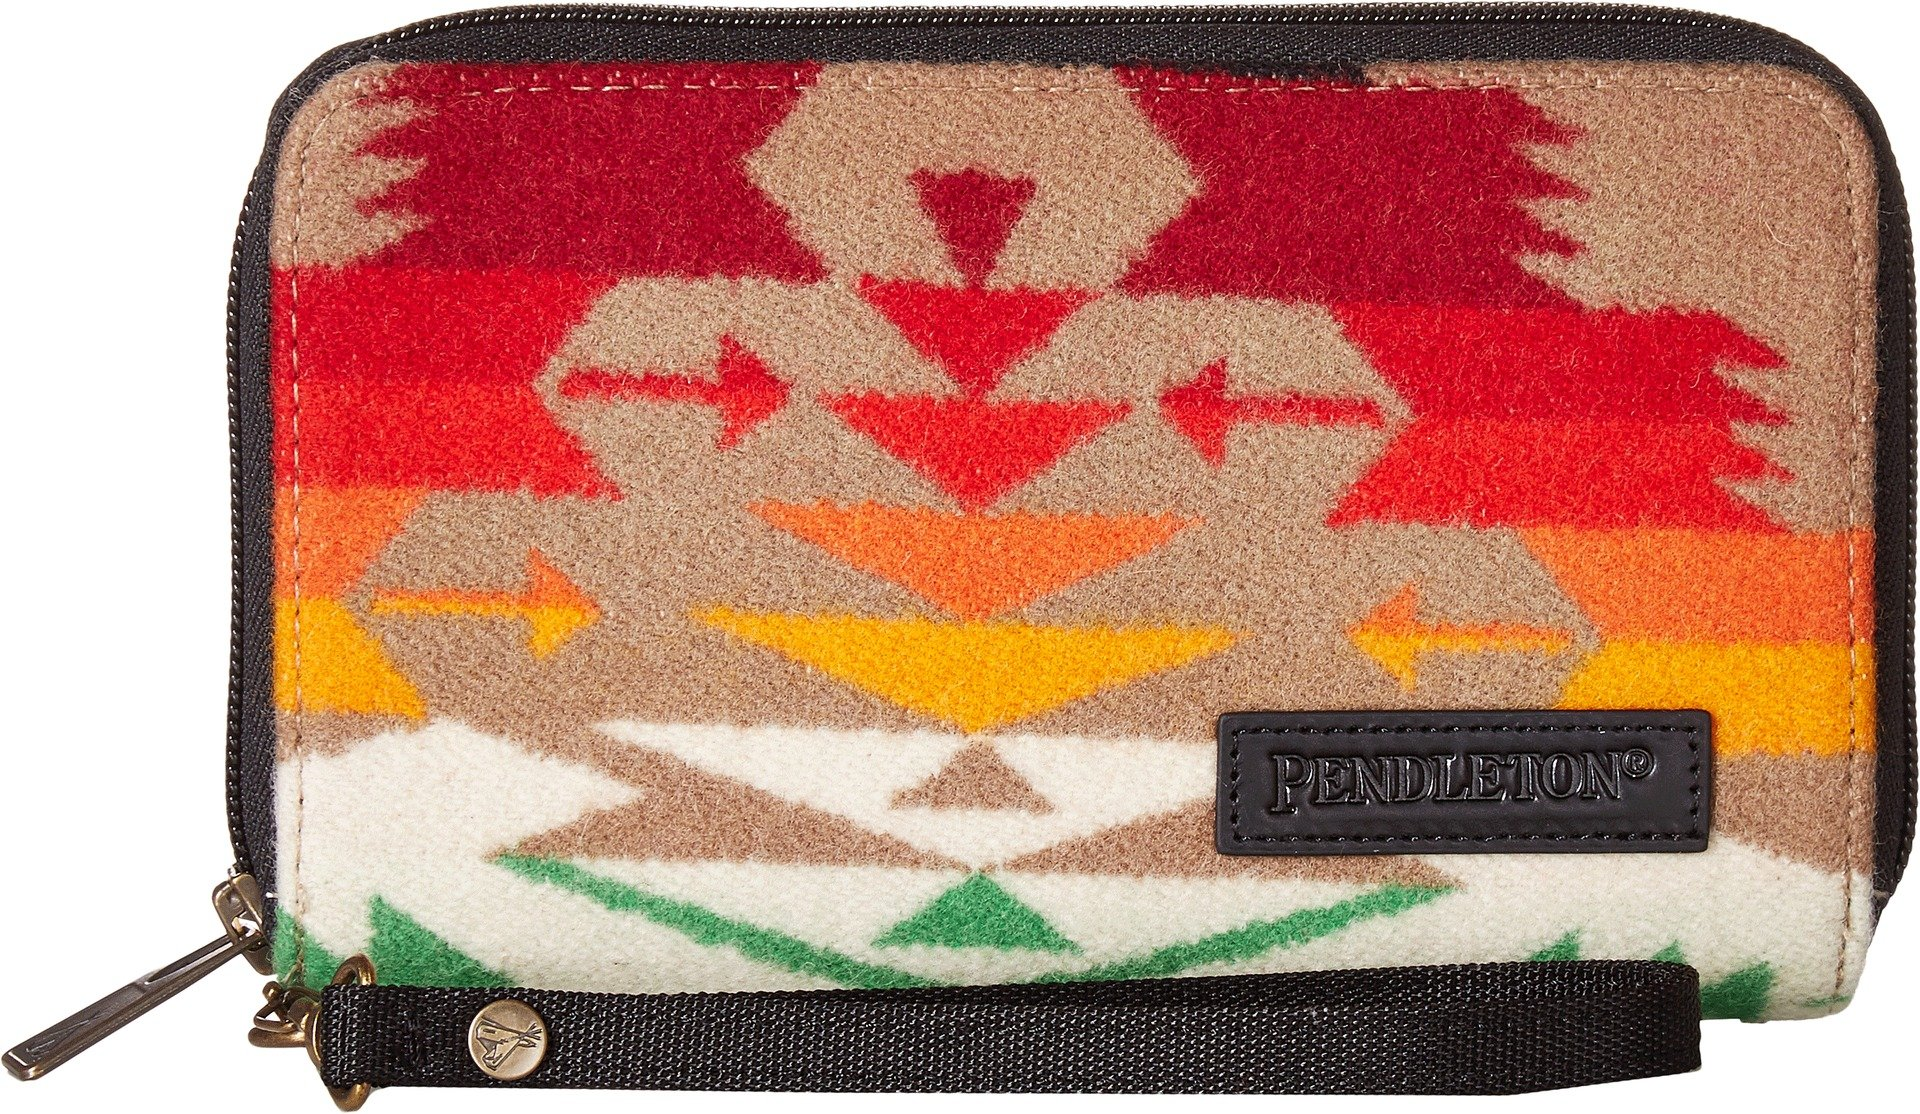 Pendleton Women's Smart Phone Wallet, Tucson Khaki, One Size